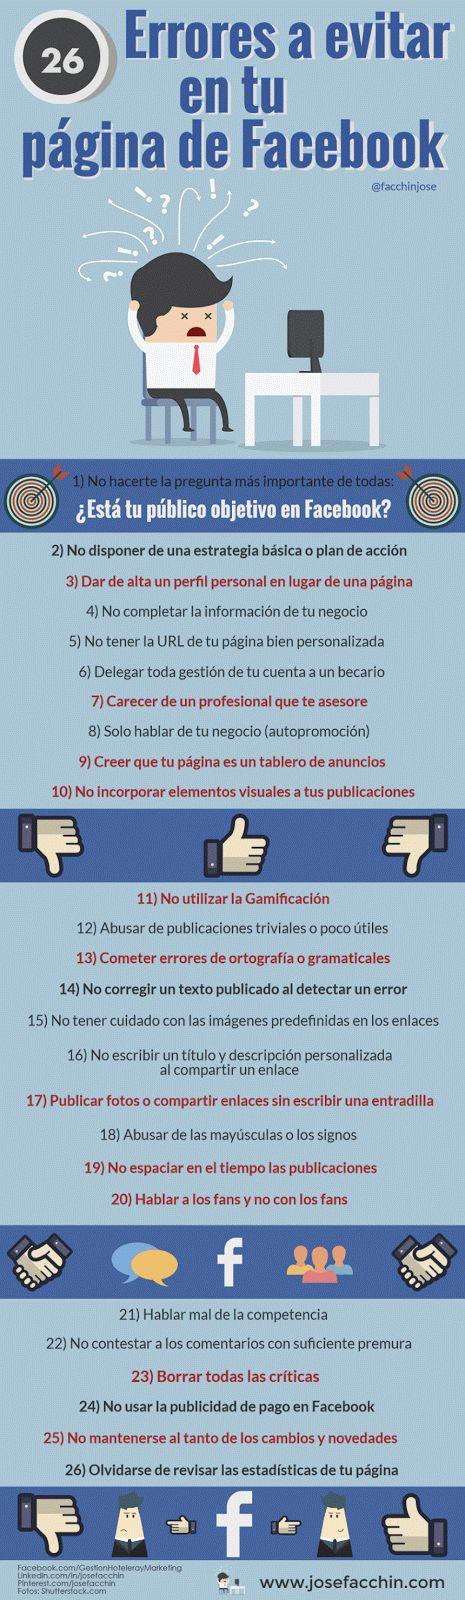 Errores que no debes cometer en tu fanpage de Facebook